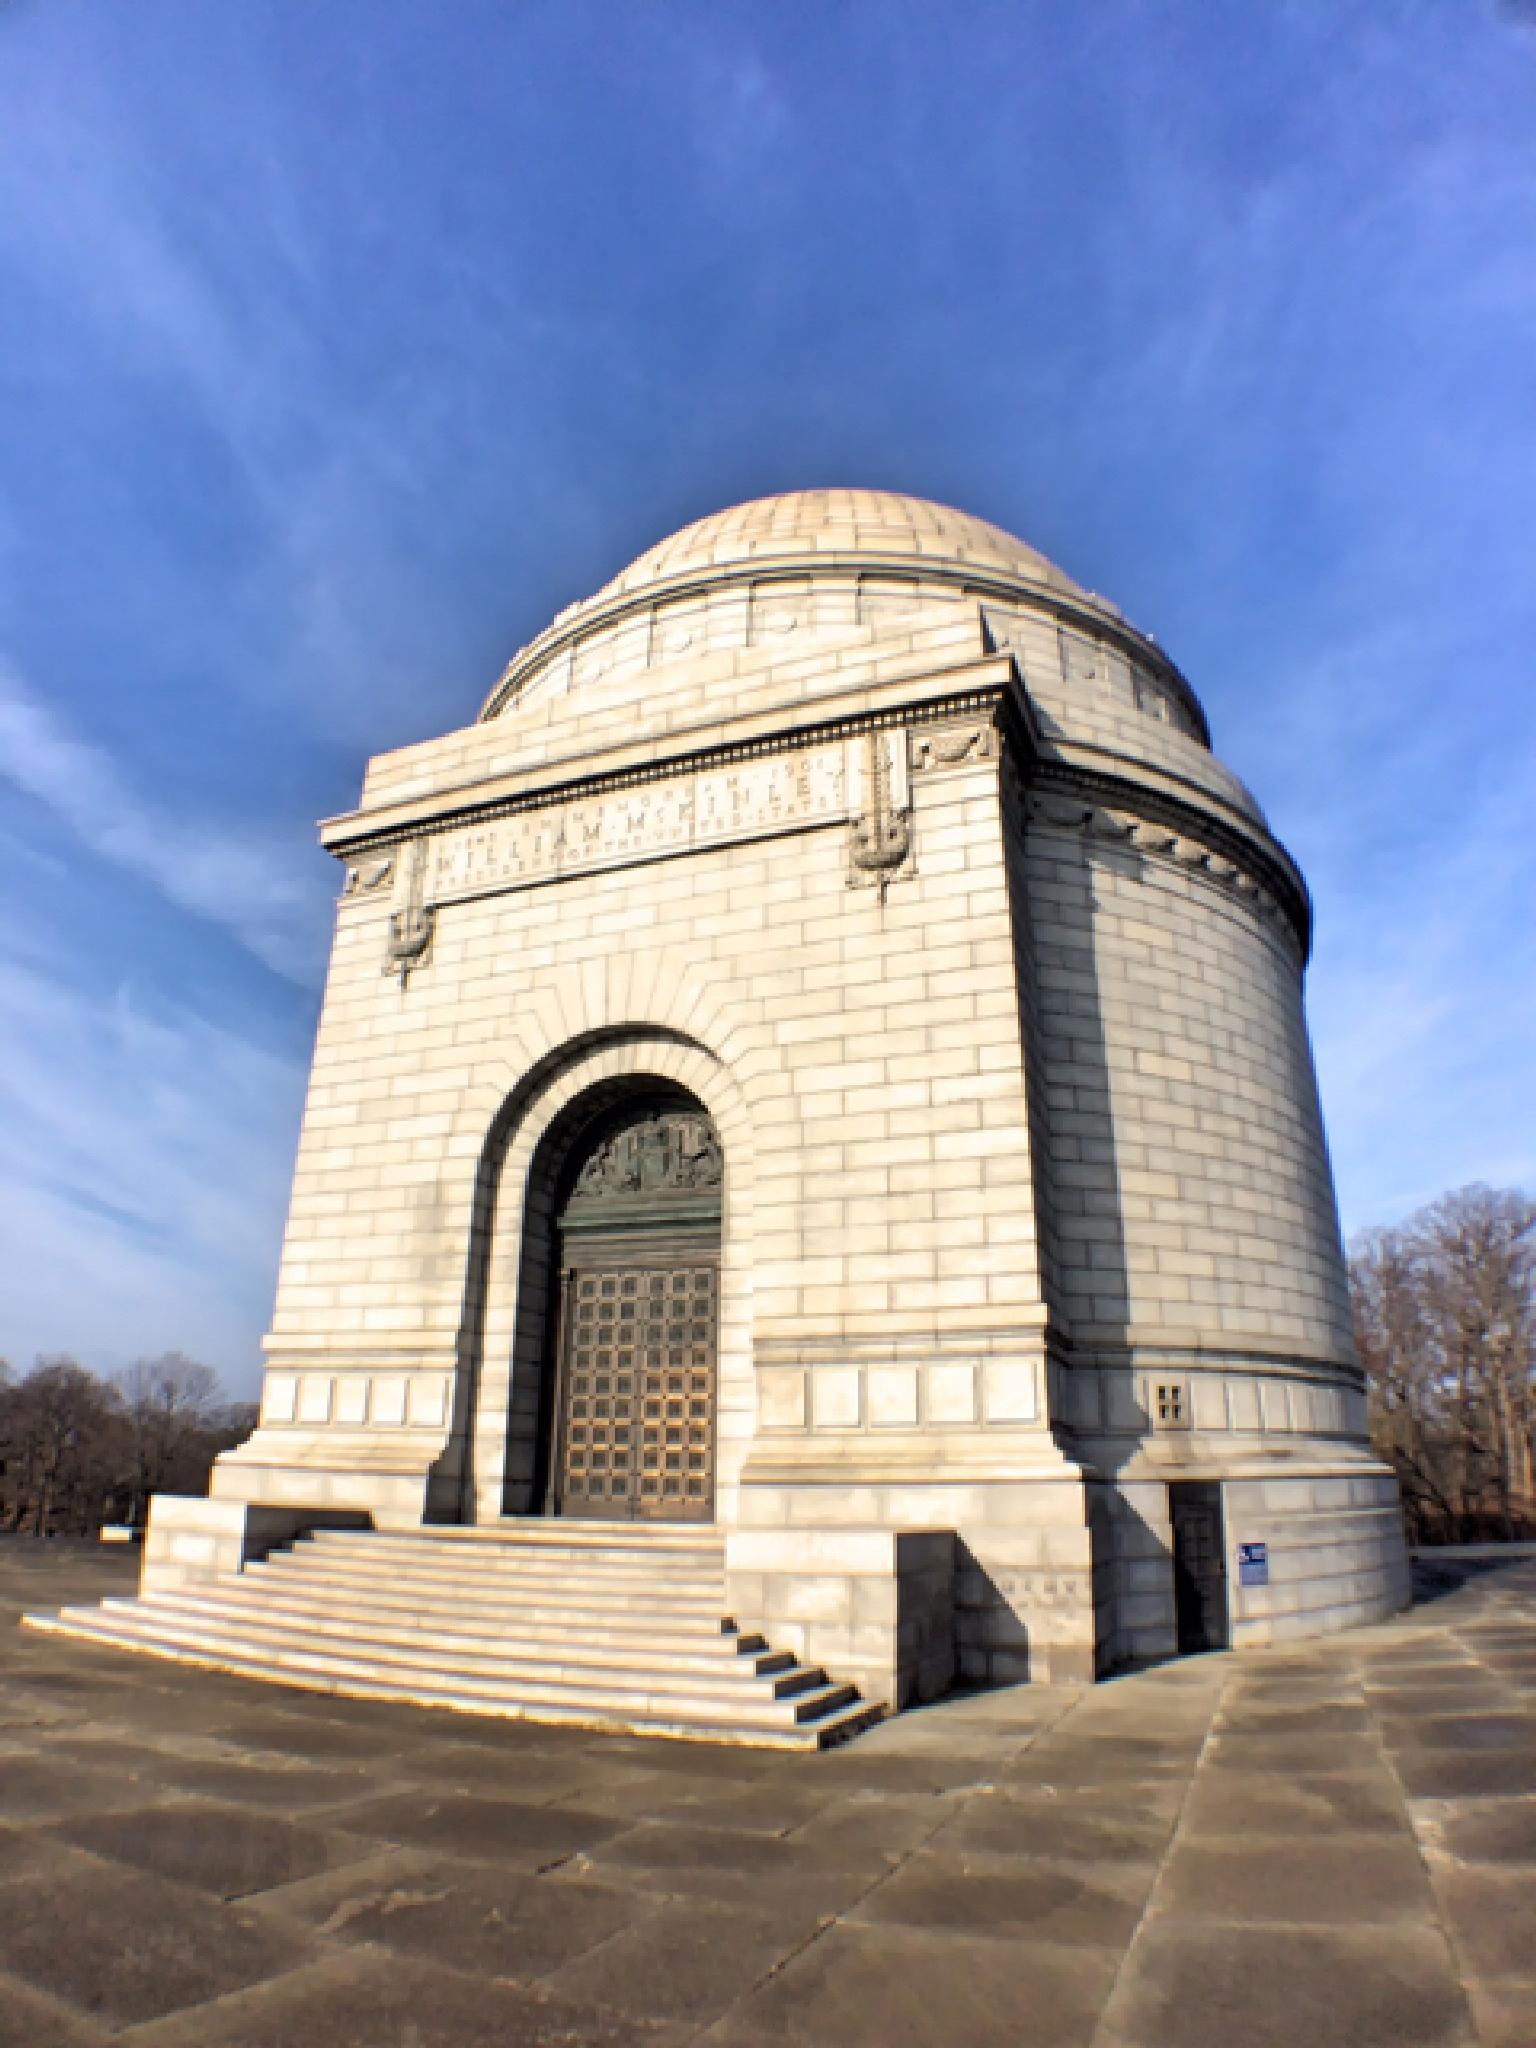 McKinley Monument by mattdevore